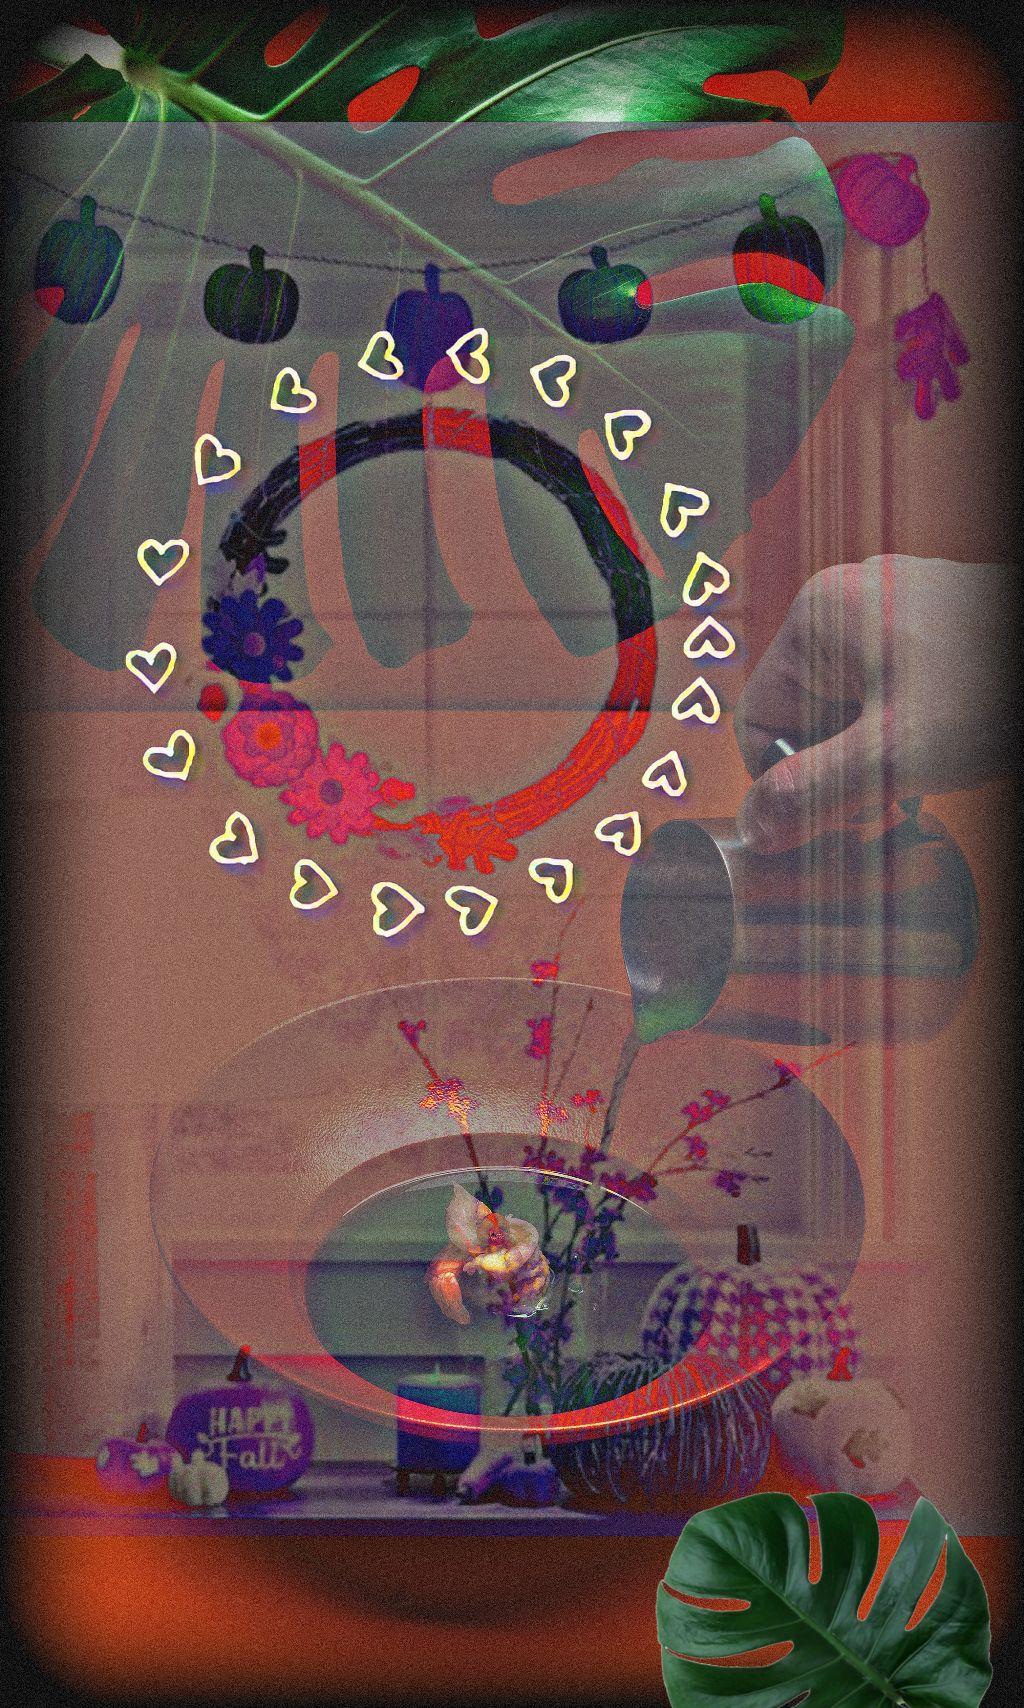 #freetoedit #remixed #doubleexposure #overlay #hdreffect #vignetteeffect #noiseeffect